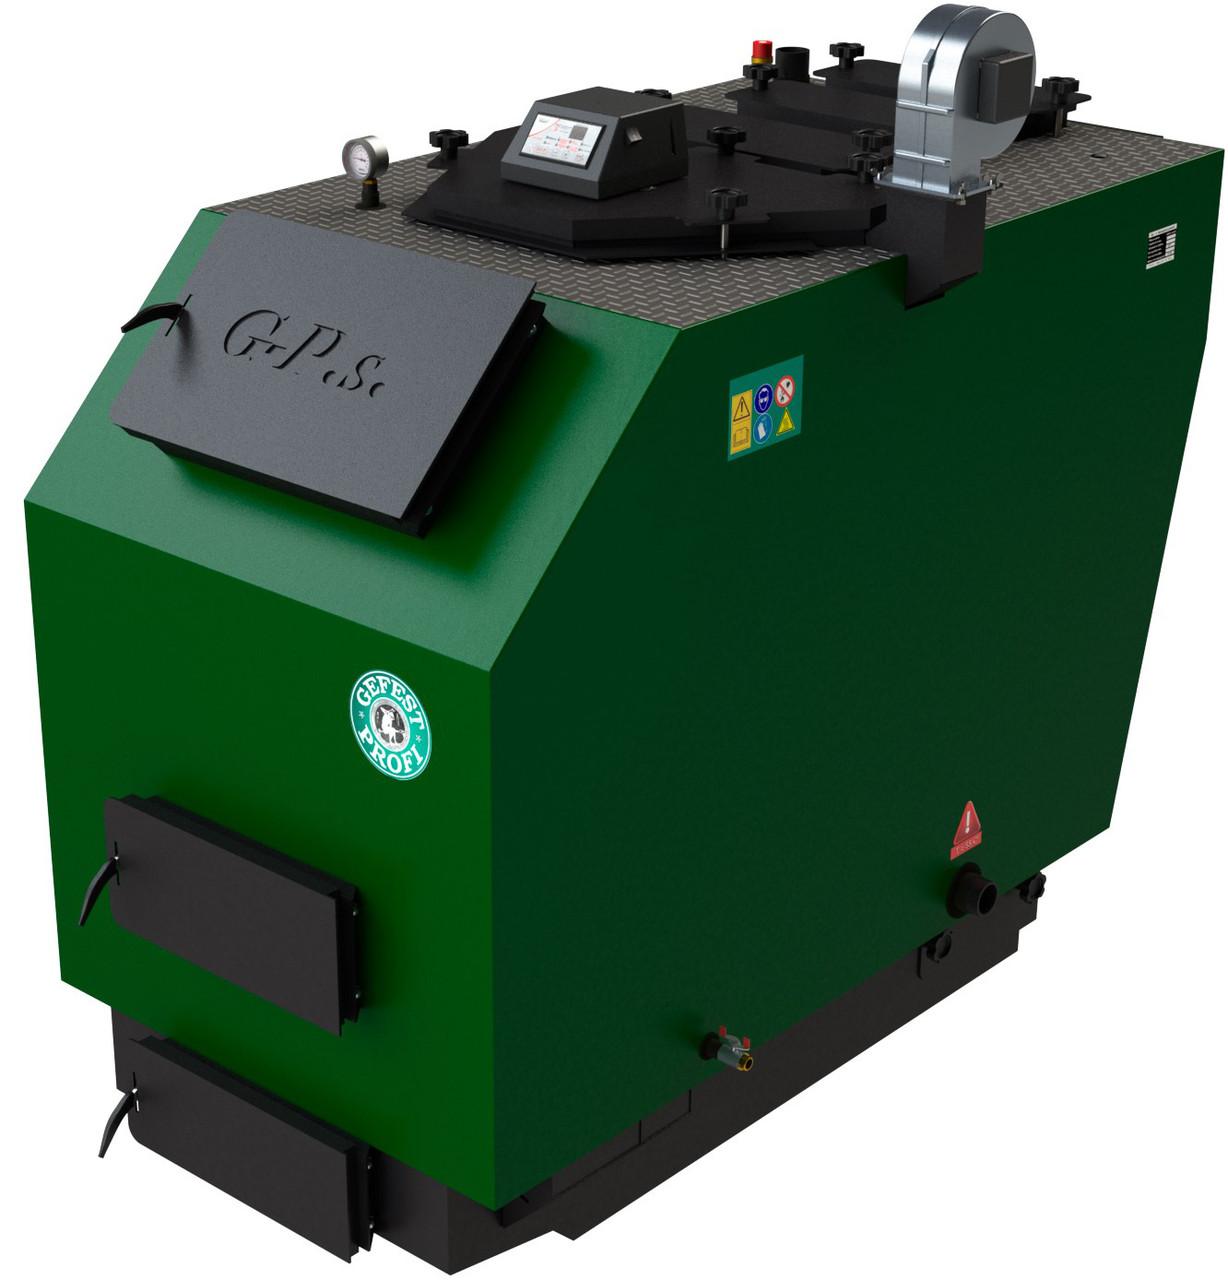 Промышленный пиролизный твердотопливный котел с газификацией древесины Gefest-Profi S 1150 (Гефест)